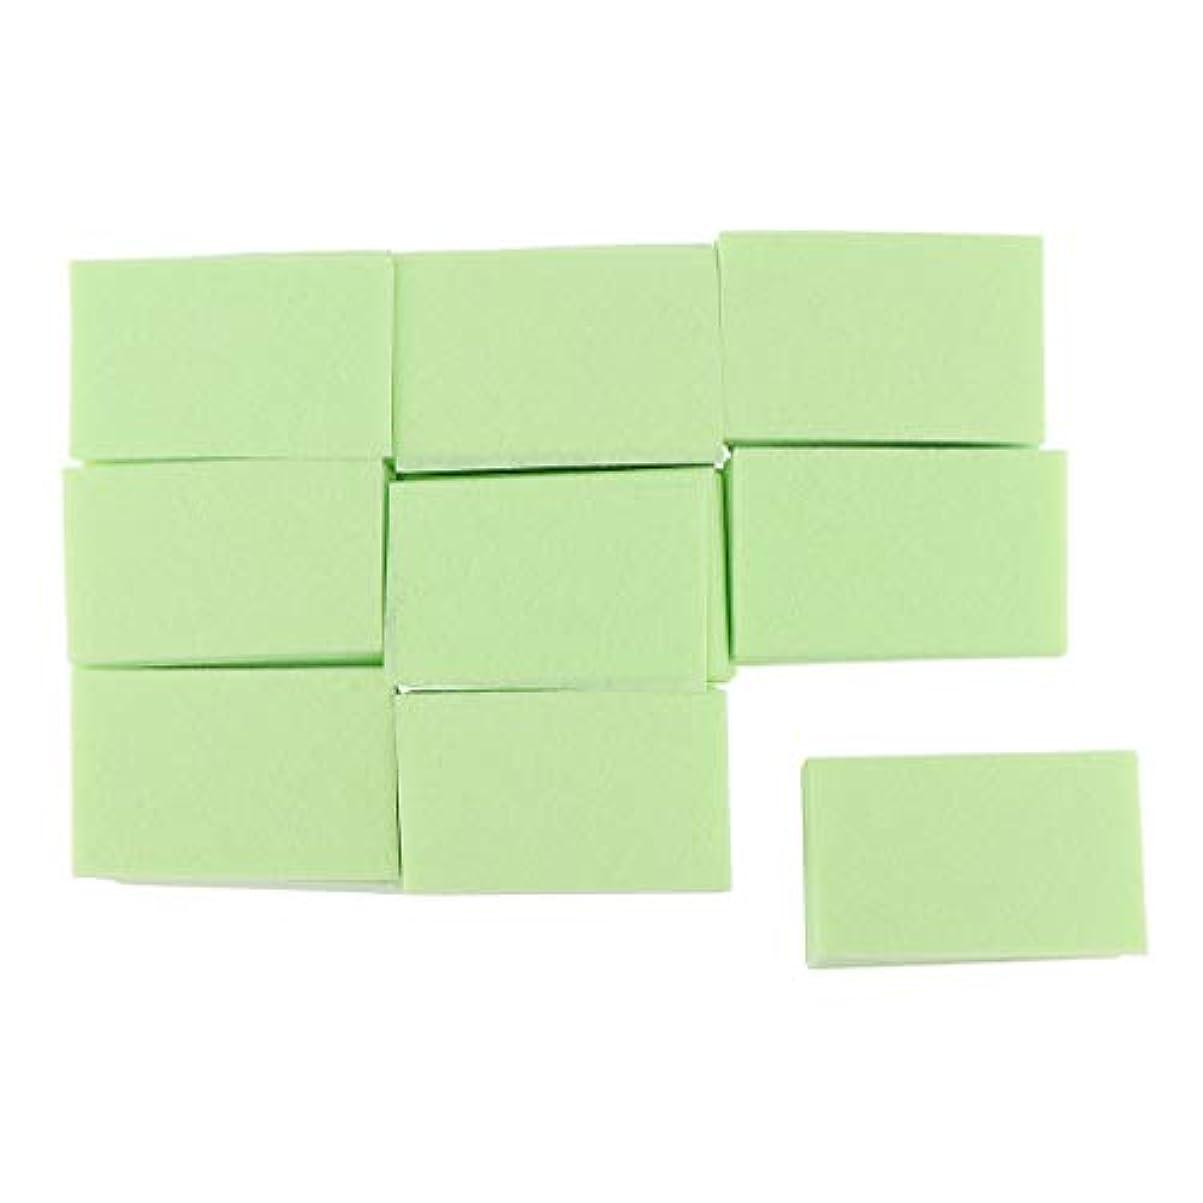 オーナーバイオリニストミュウミュウプレミアムメイクアップフェイシャルソフトコットンスクエア、化粧品、ネイルアート、パーソナルケアに適しています、700カウント、6x3.6cm - 緑